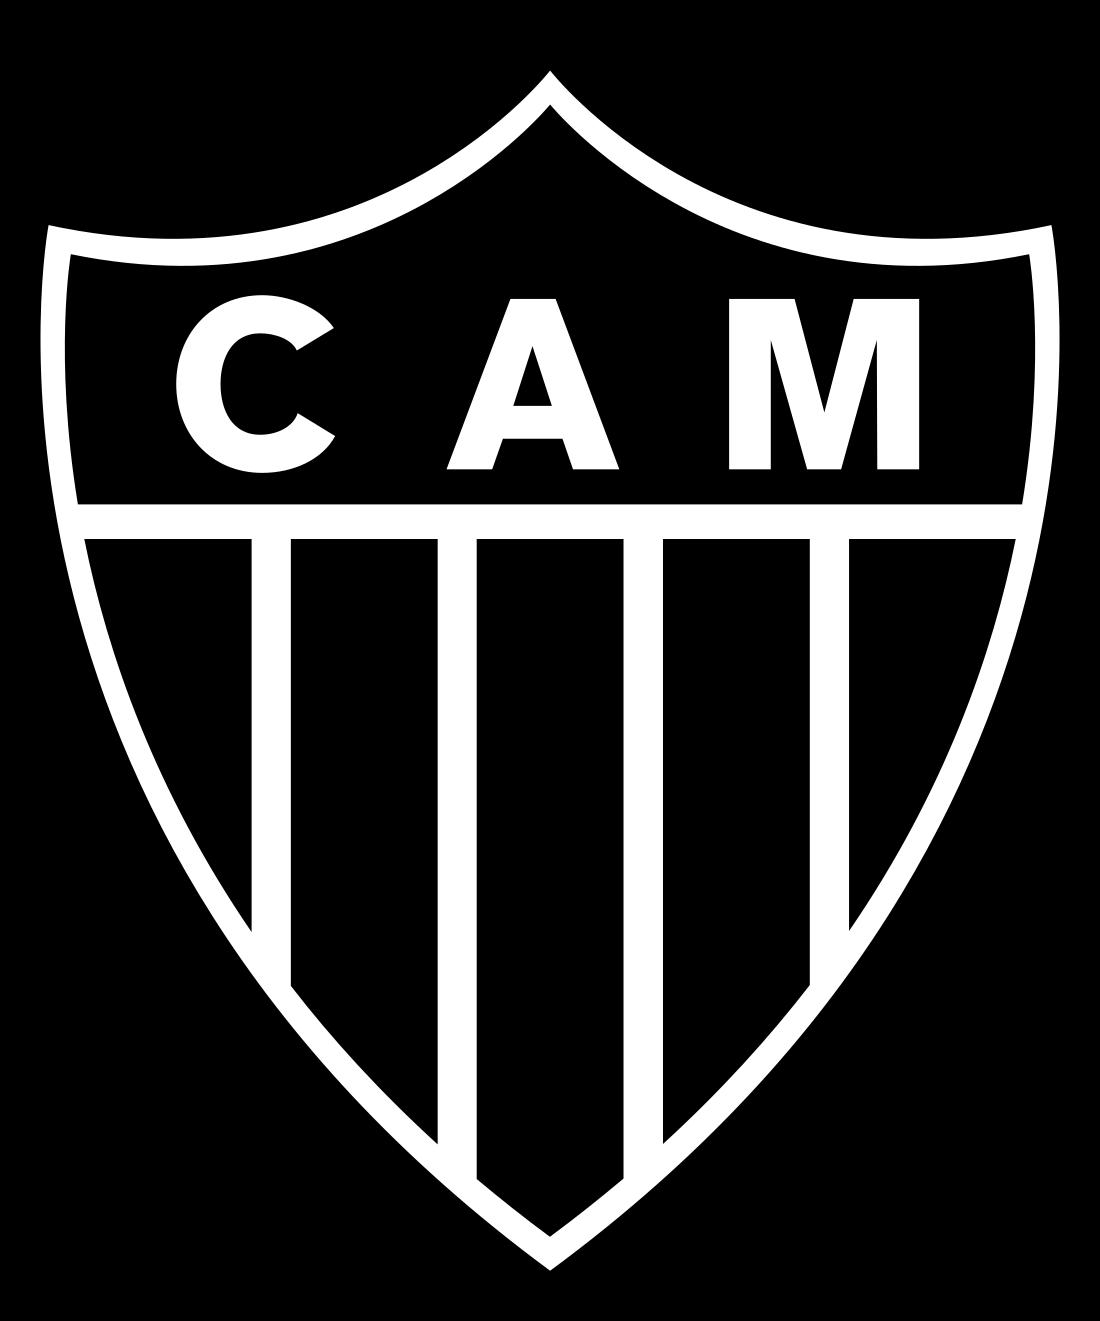 atletico mineiro logo escudo 7 - Atlético Mineiro Logo - Escudo